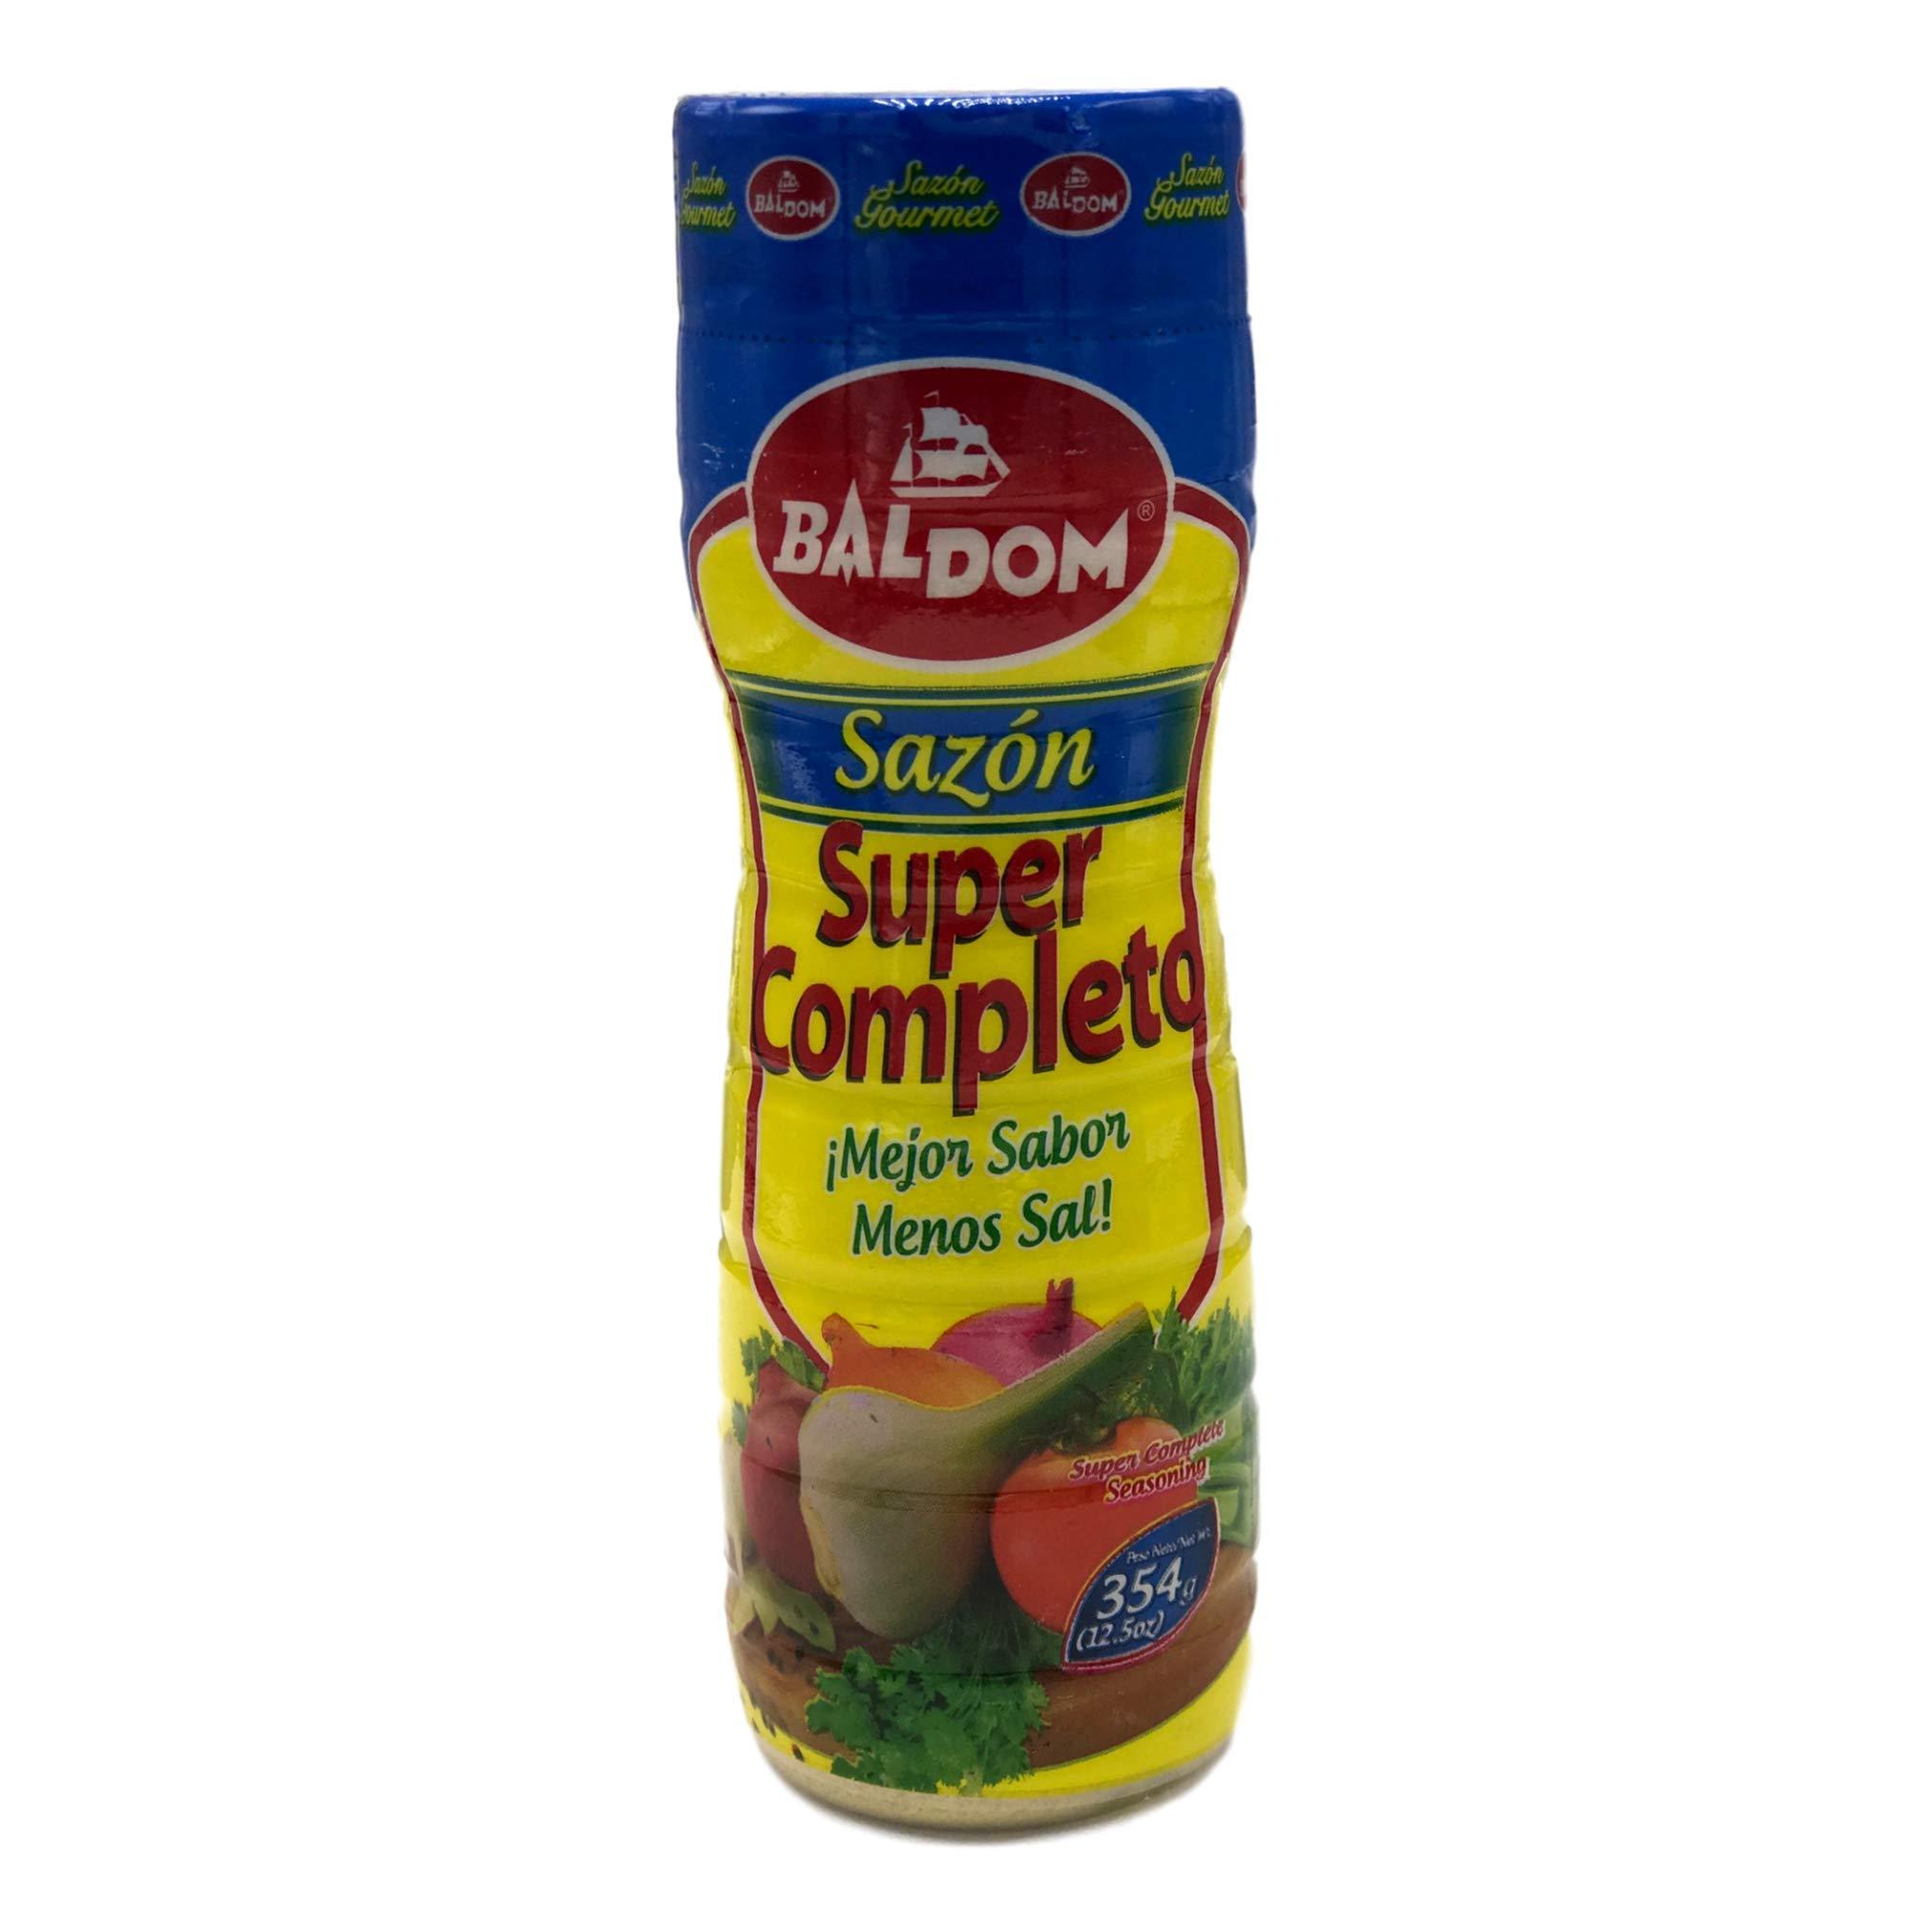 Baldom Sazon Super Completo